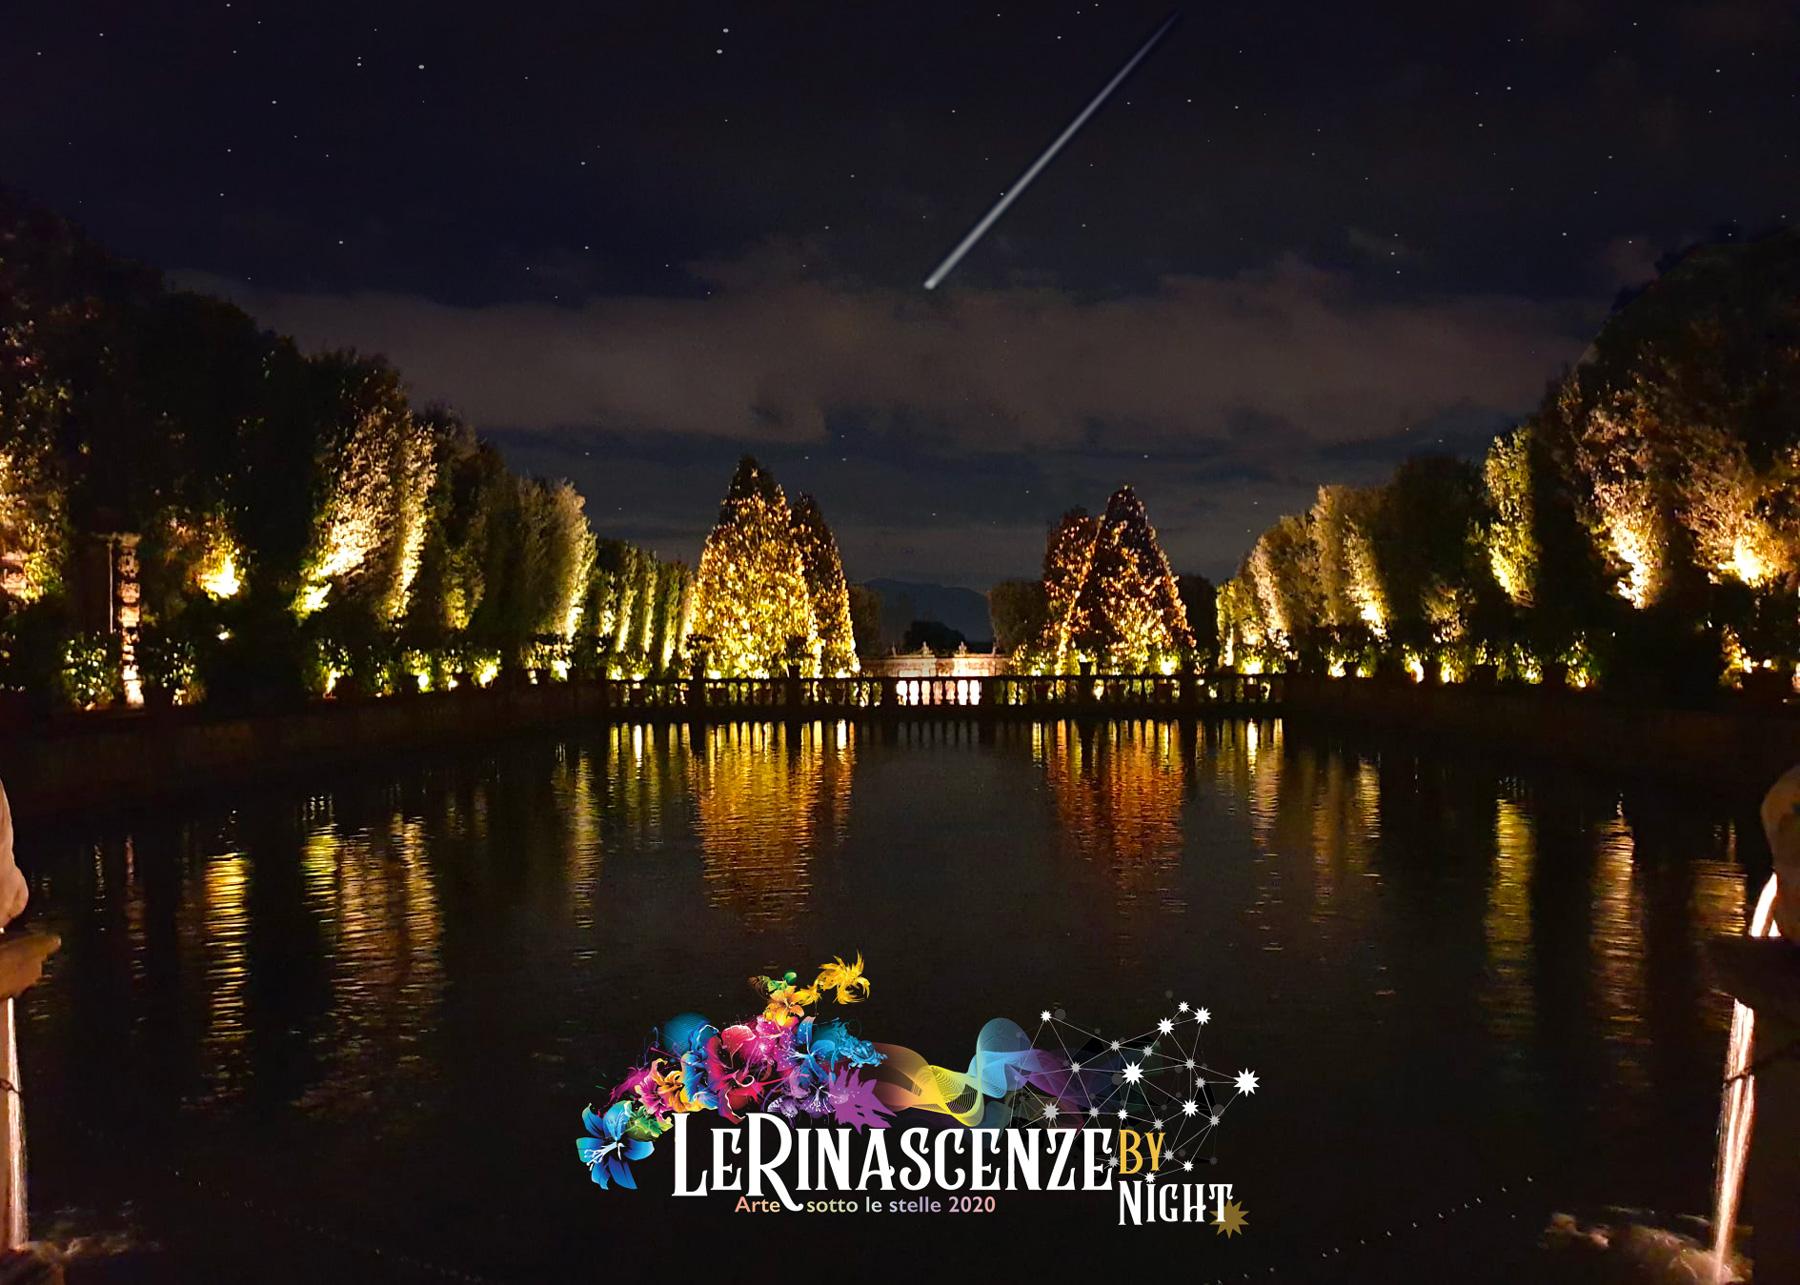 Le rinascenze by night_Villa Reale di Marlia